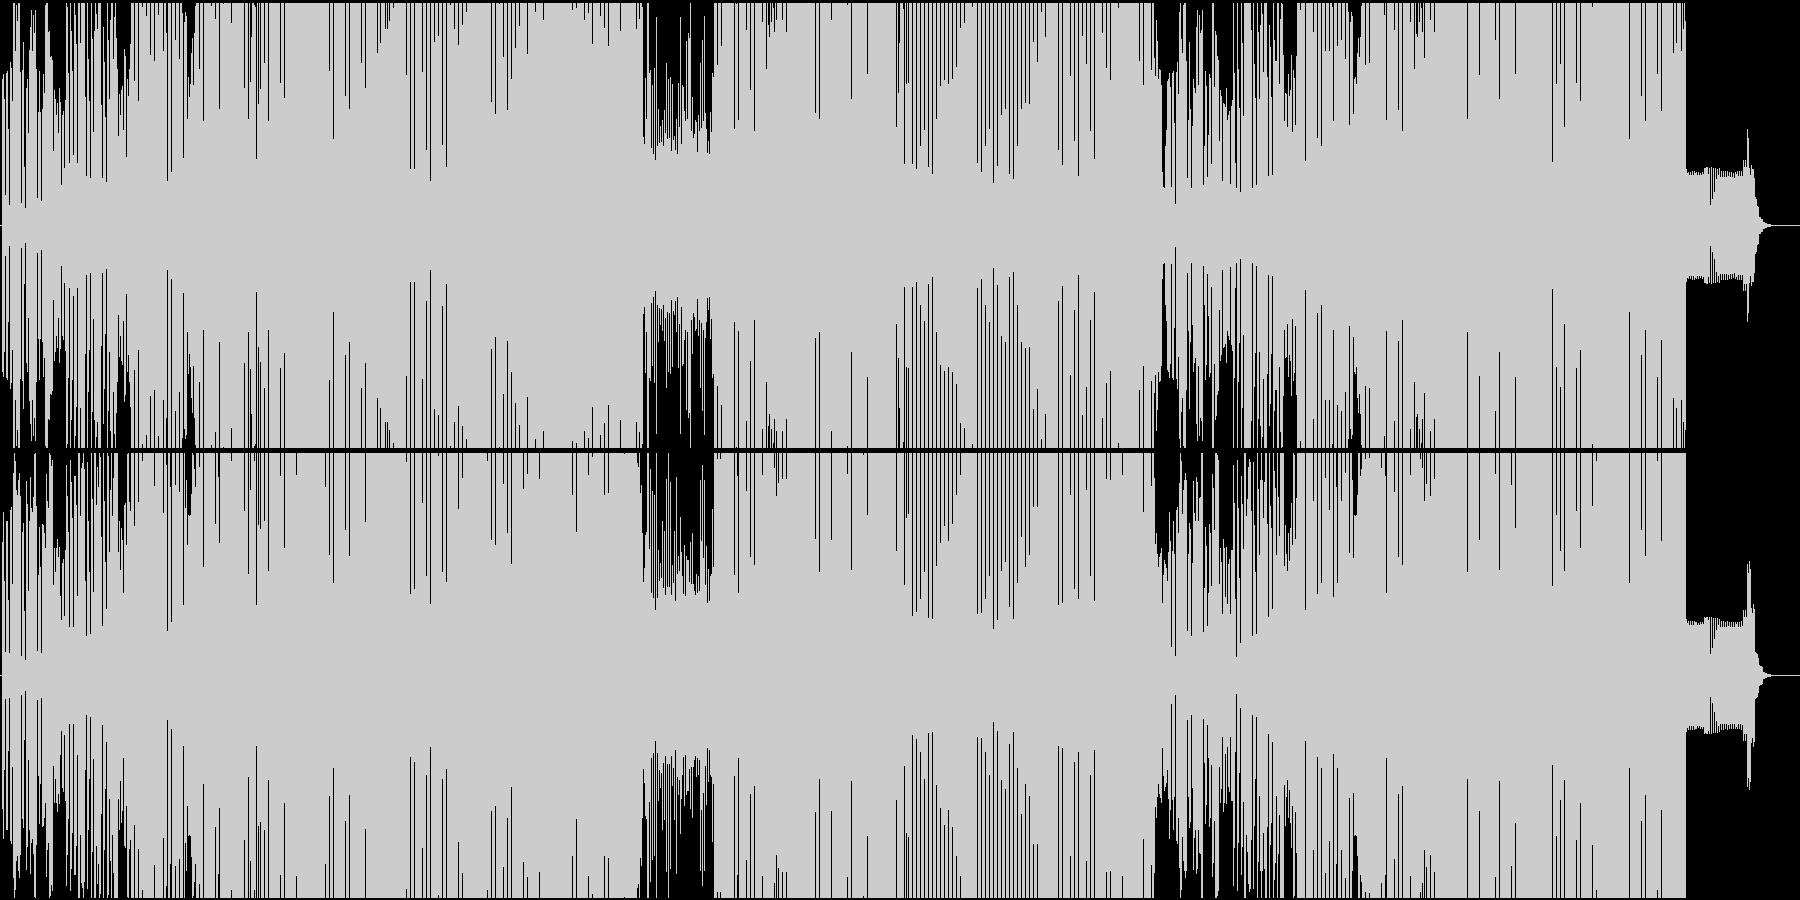 シンセが楽しい面白ダンスチューンEDMの未再生の波形